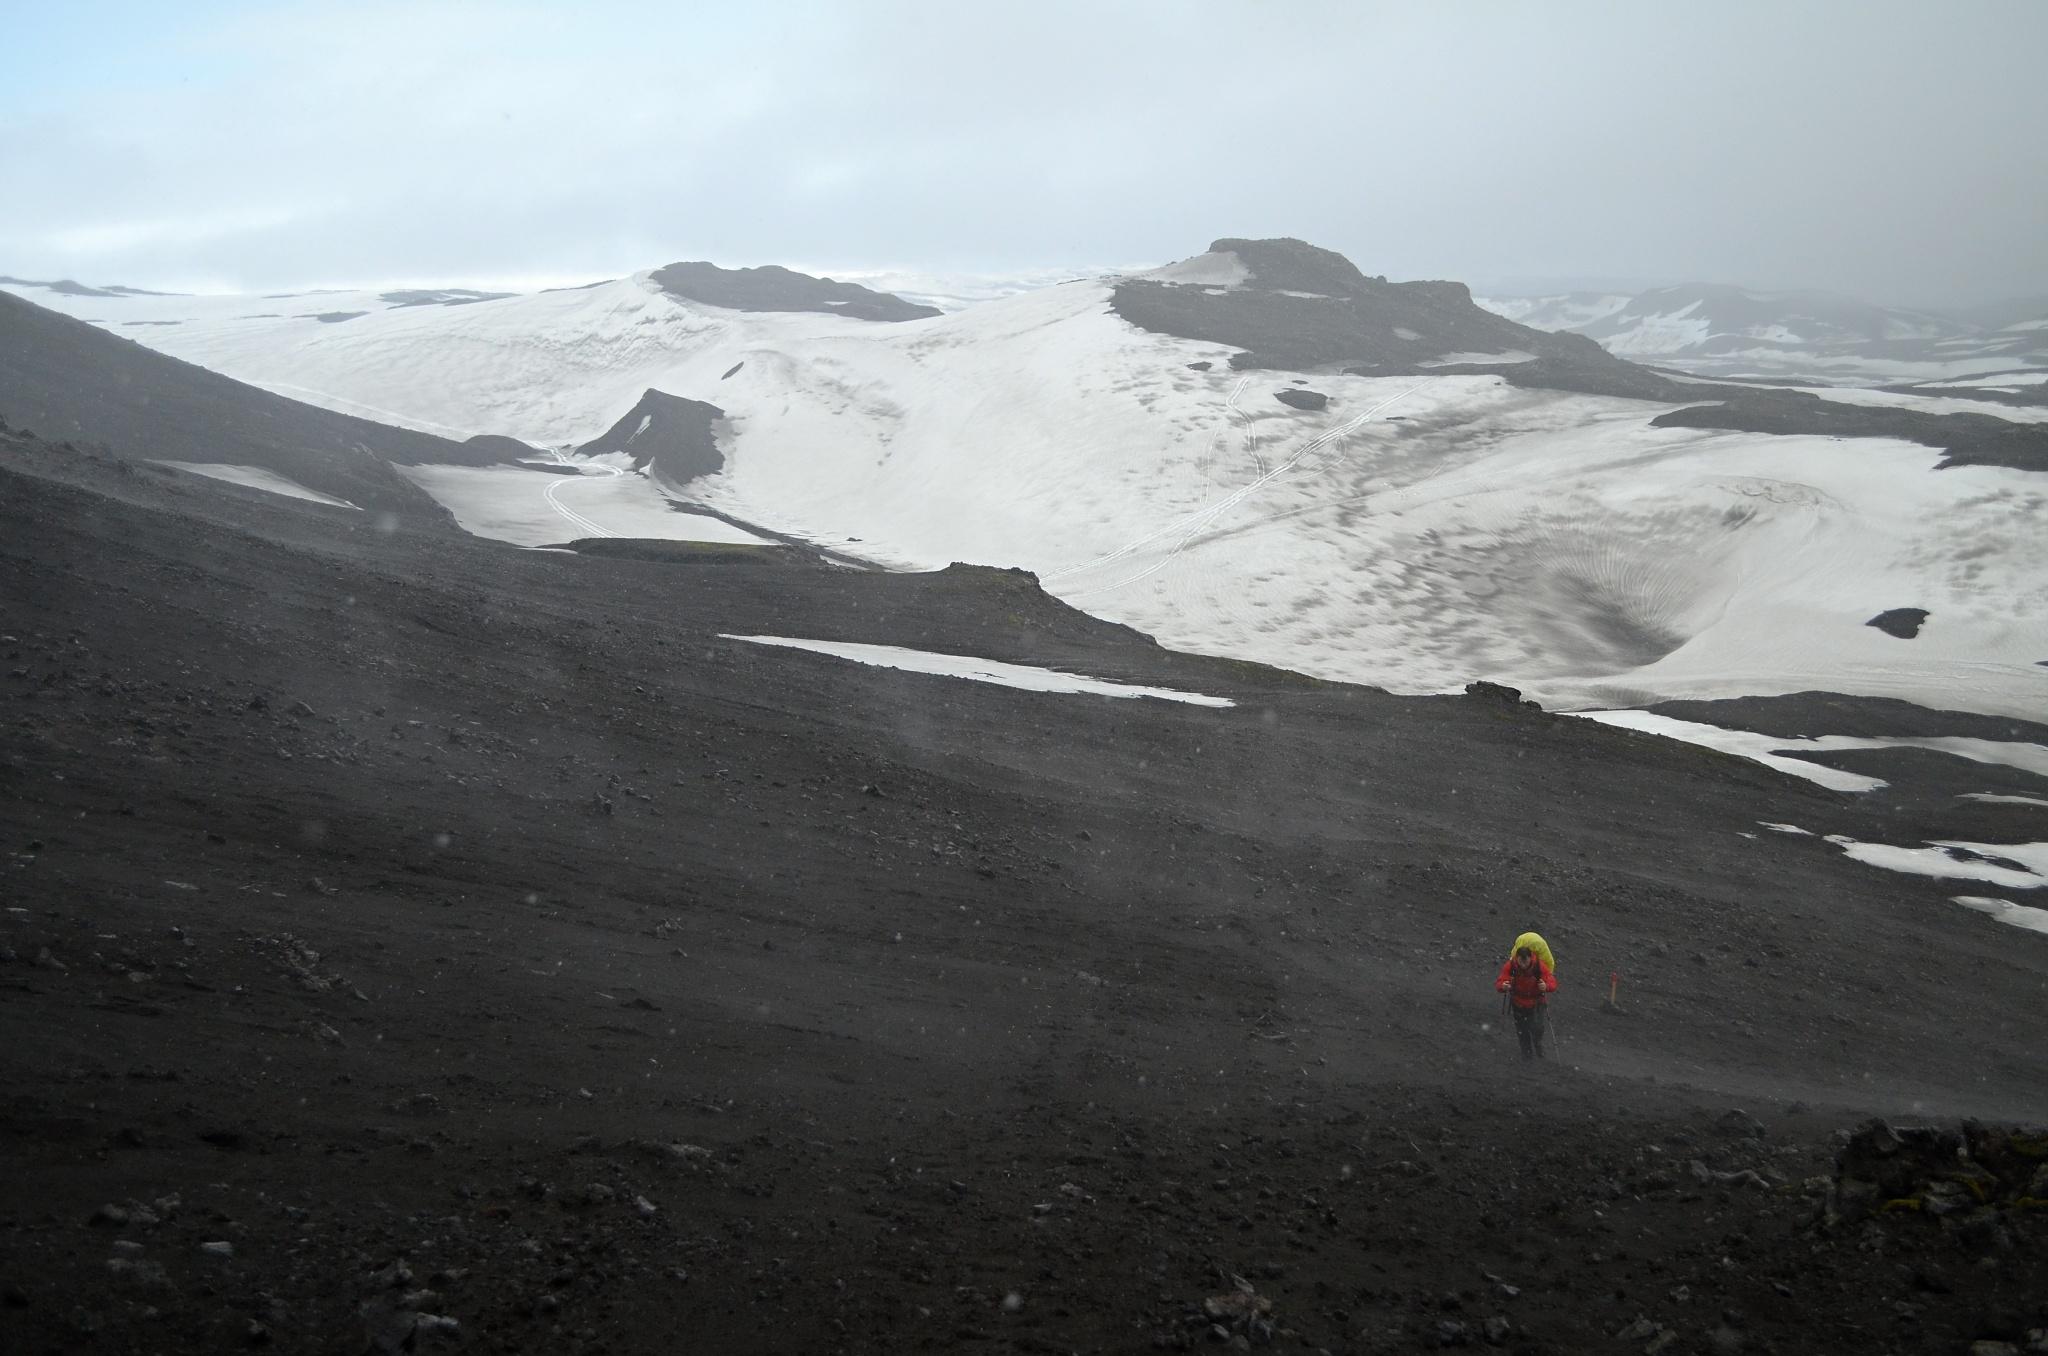 Poslední úsek cesty k chatě Fimmvörðuskáli je náročný